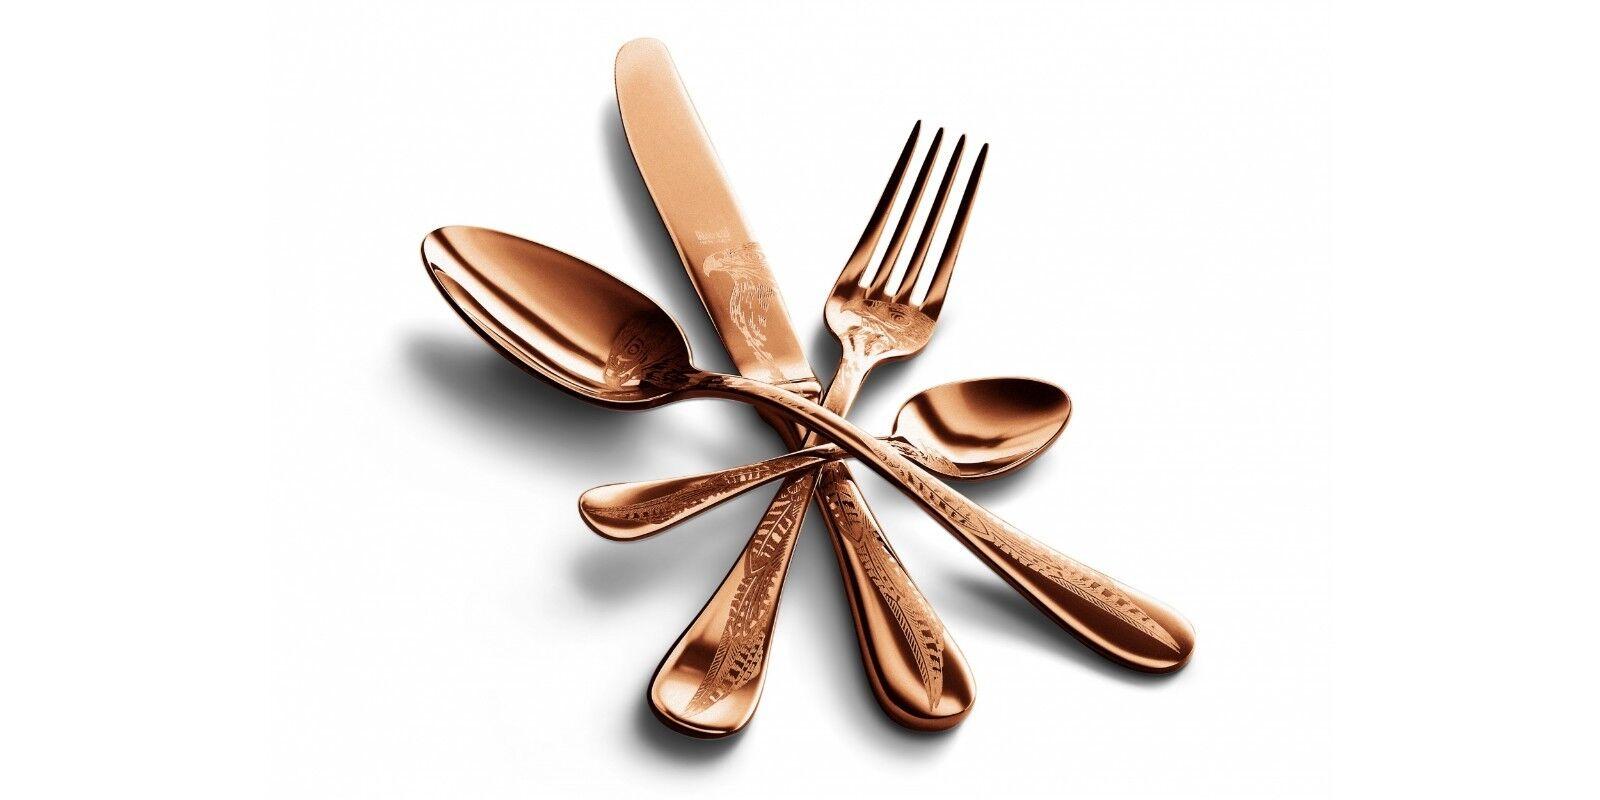 Mepra - Servizio Posate 24 Pezzi Art Caccia Caccia Caccia Bronzo The Luxury Art Mepra 8e8bb0